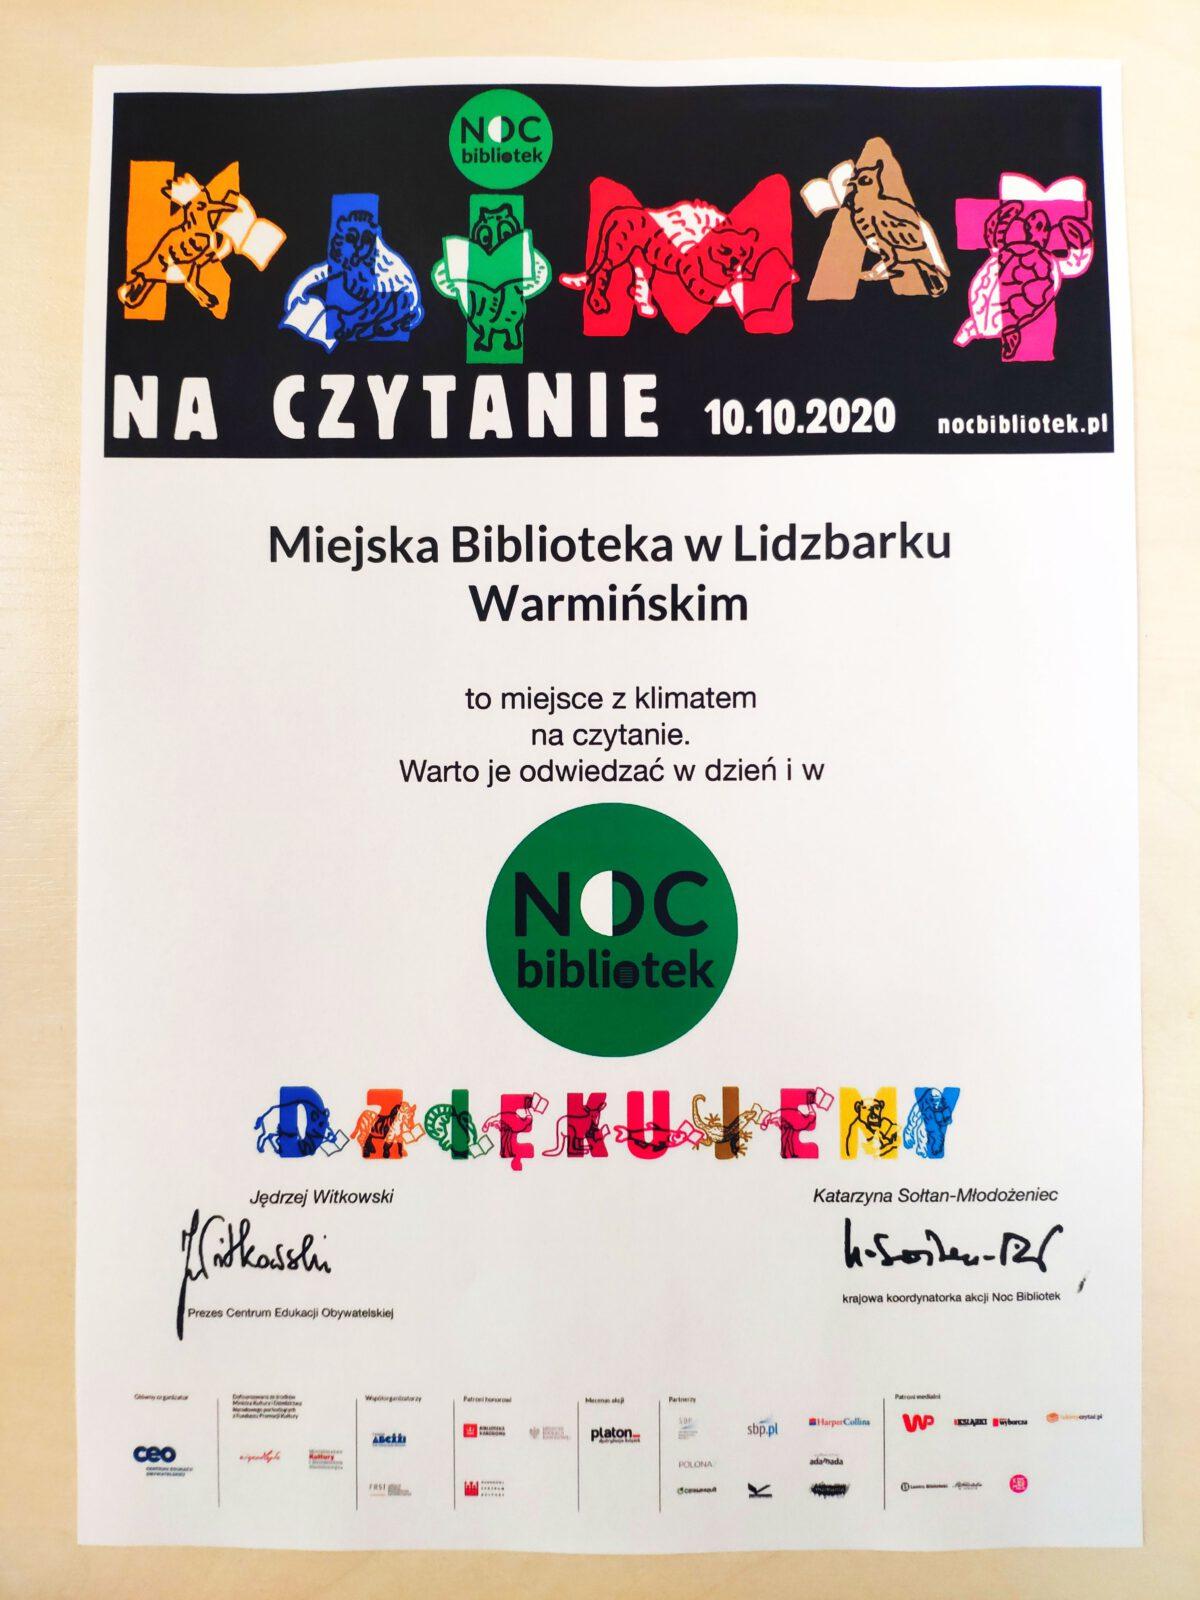 Miejska Biblioteka w Lidzbarku Warmińskim to miejsce z klimatem na czytanie. Warto je odwiedzać w dzień i w Noc Bibliotek. Otrzymaliśmy podziękowanie od organizatora.